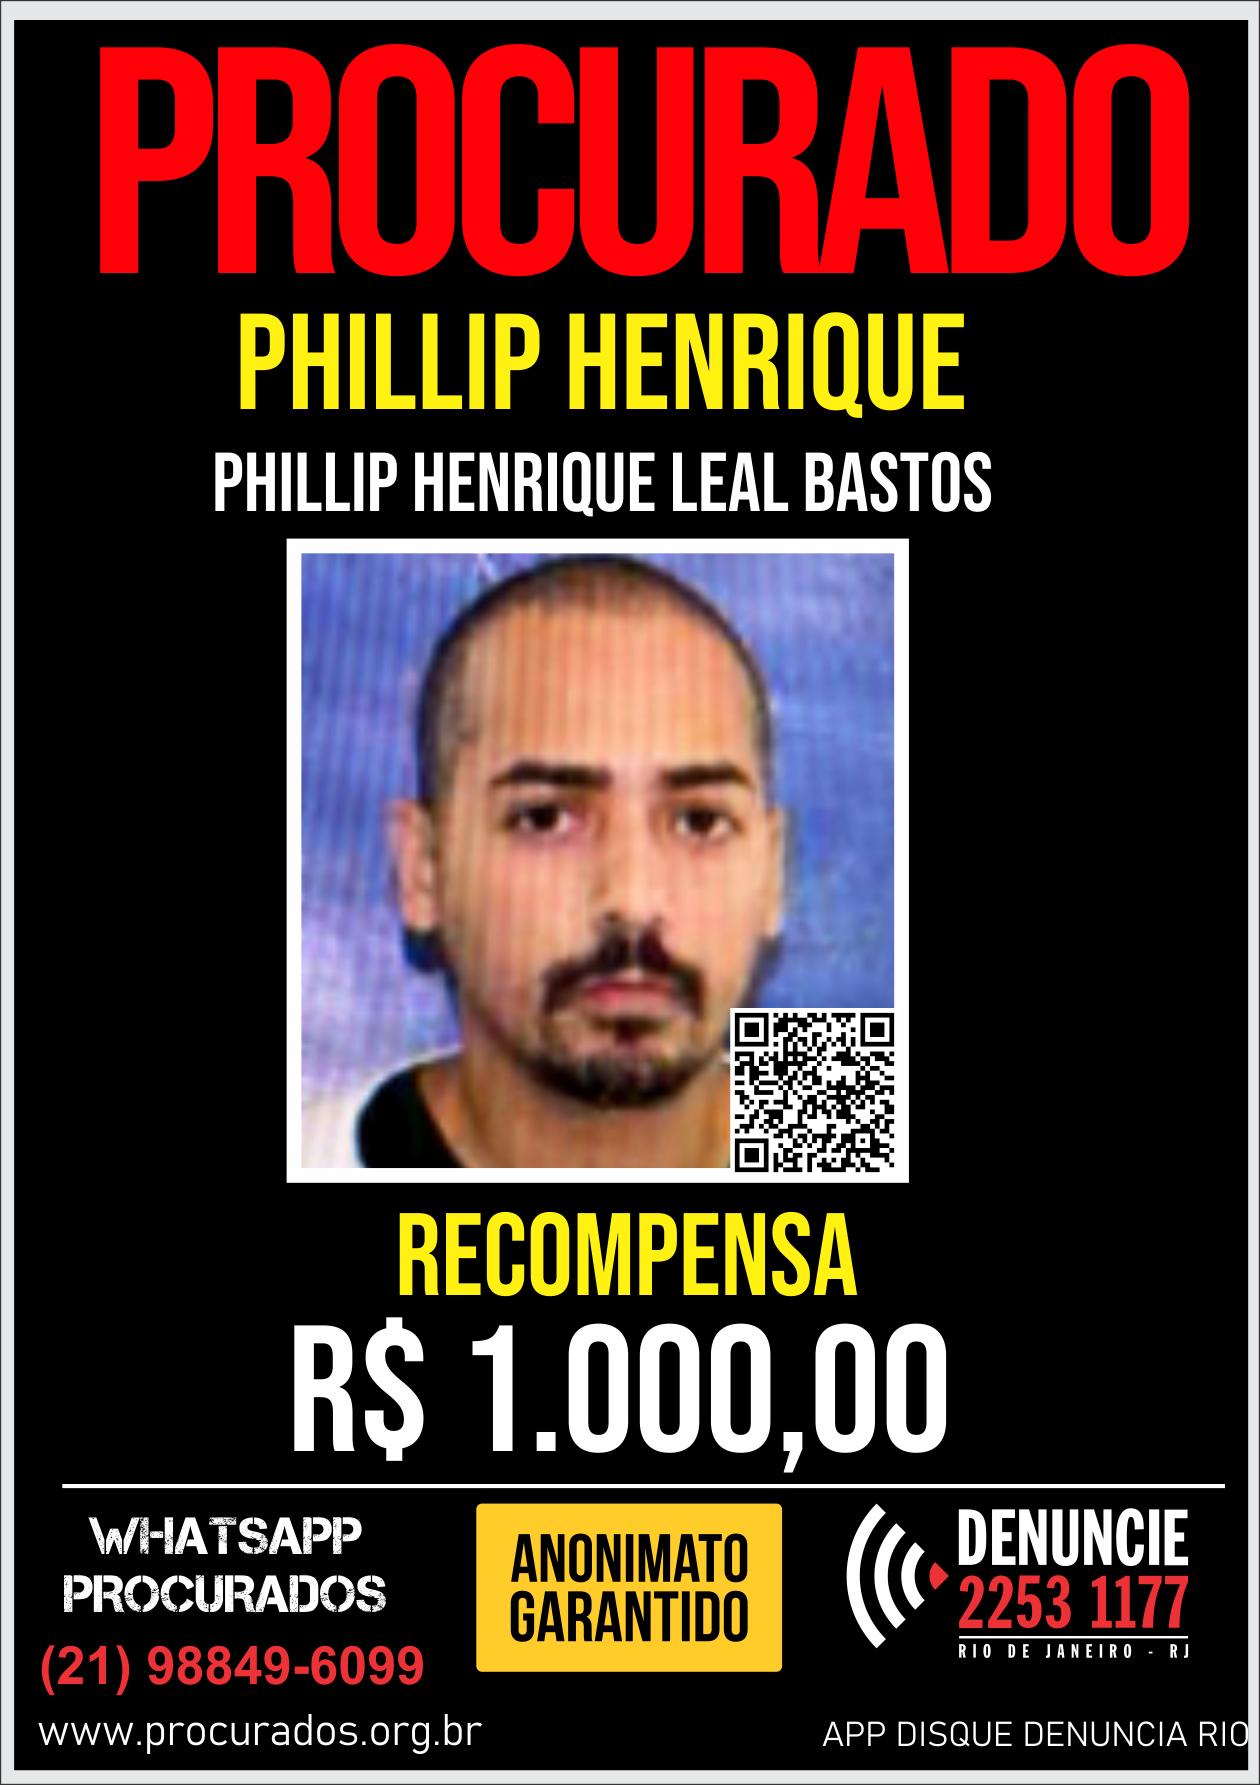 cartaz com a foto do procurado